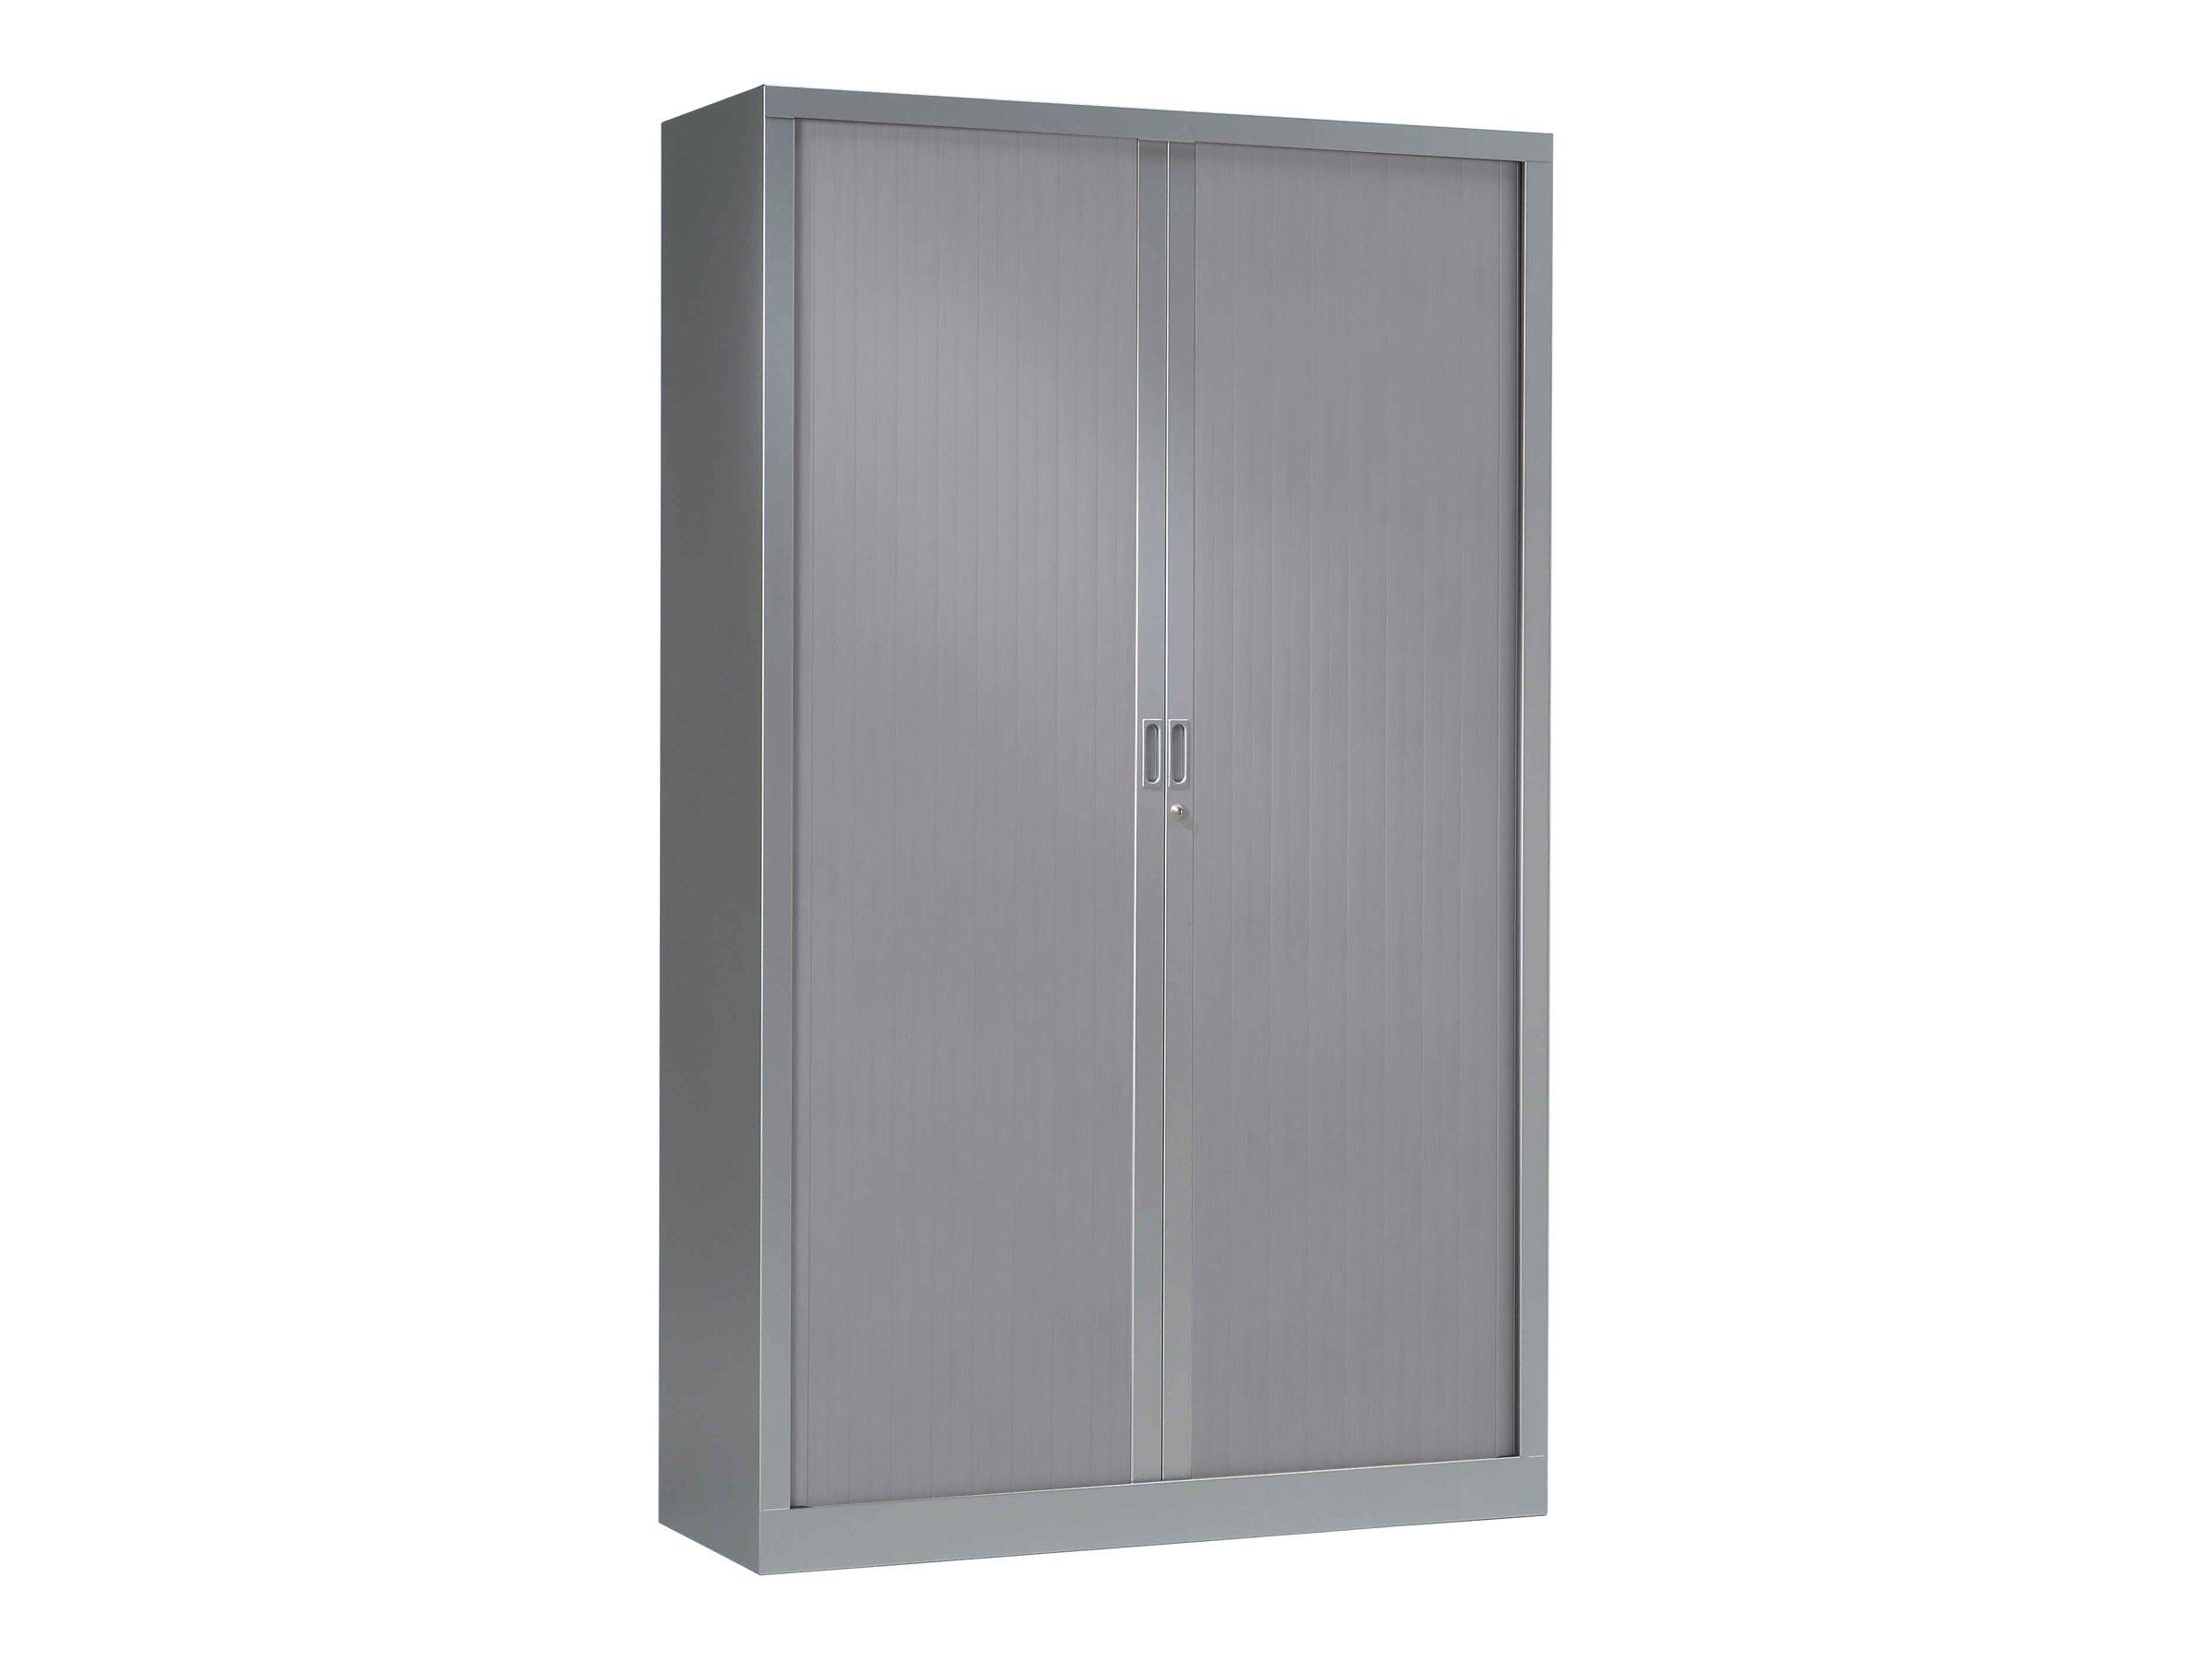 Armoire haute monobloc à rideaux GENERIC - 198 x 120 x 43 cm - aluminium